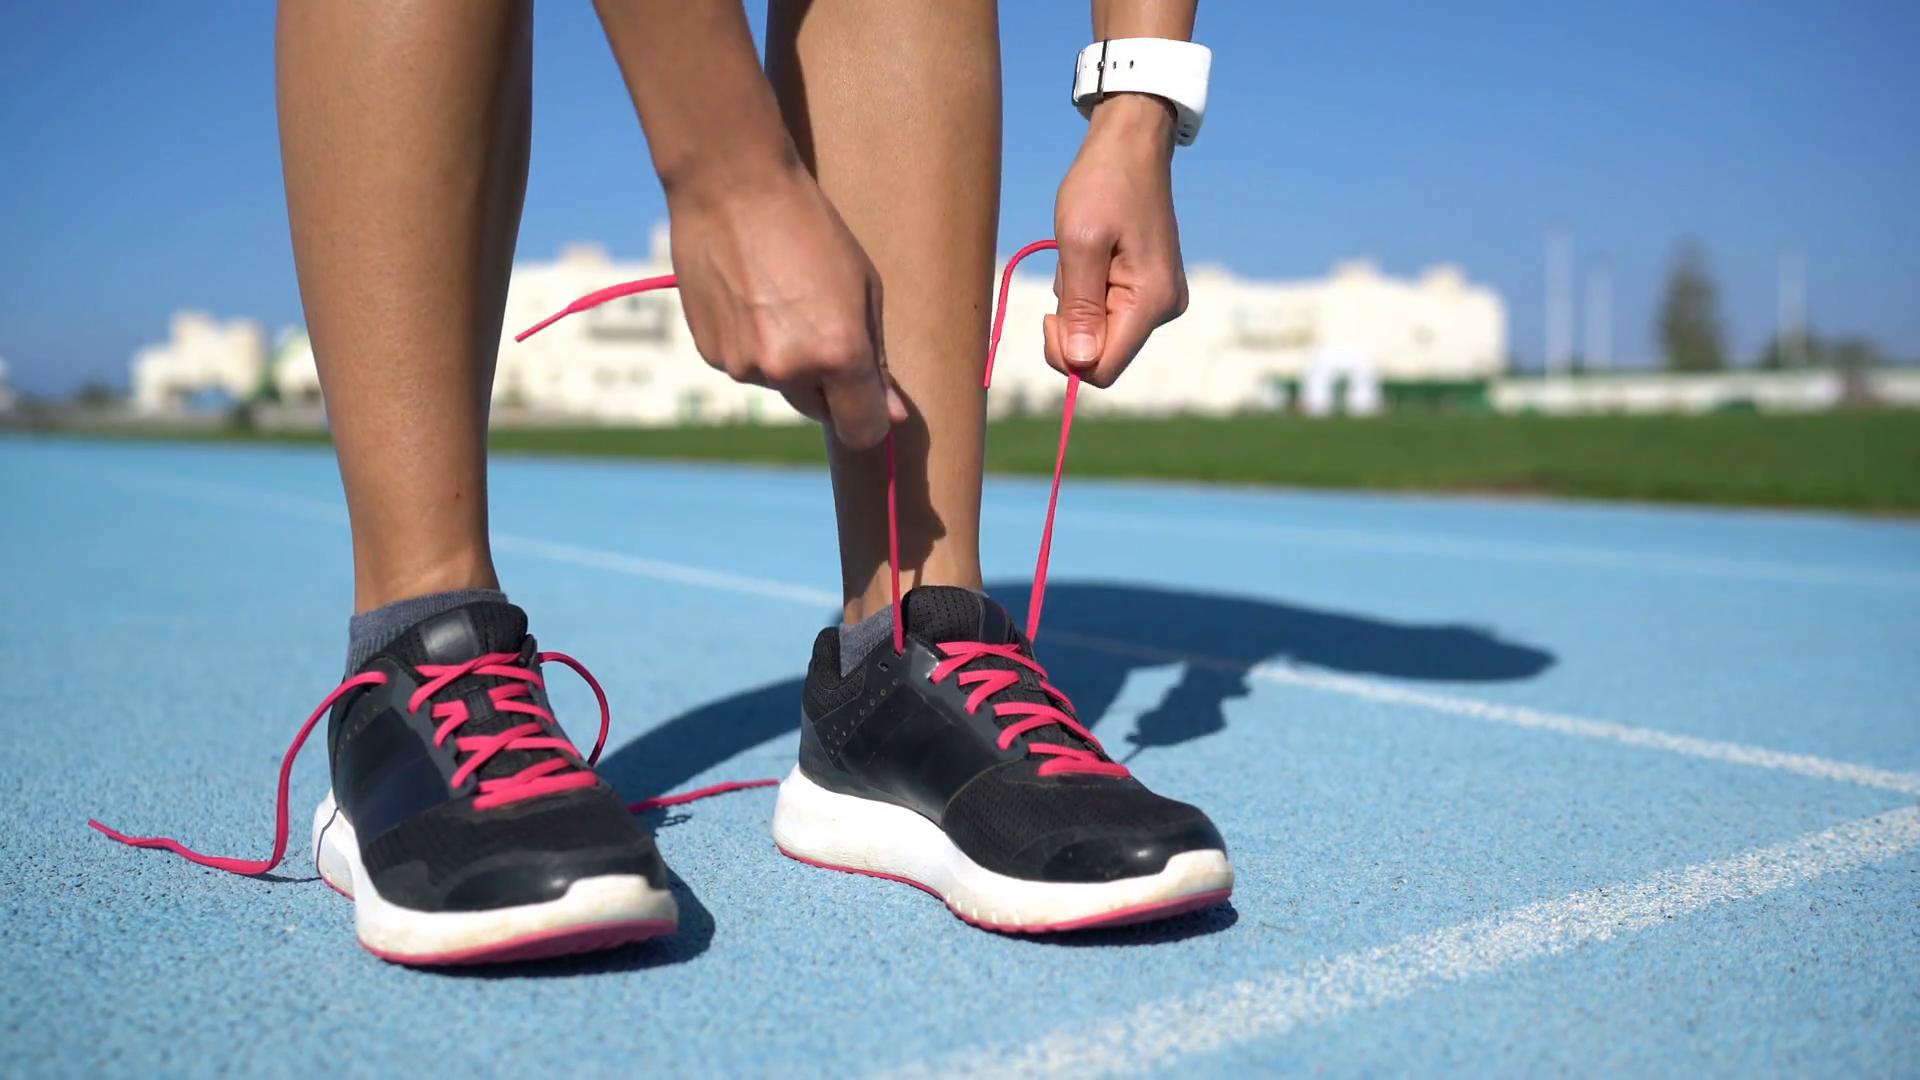 دویدن یکی از قوی ترین وسیله های انطباقی است که ما داریم